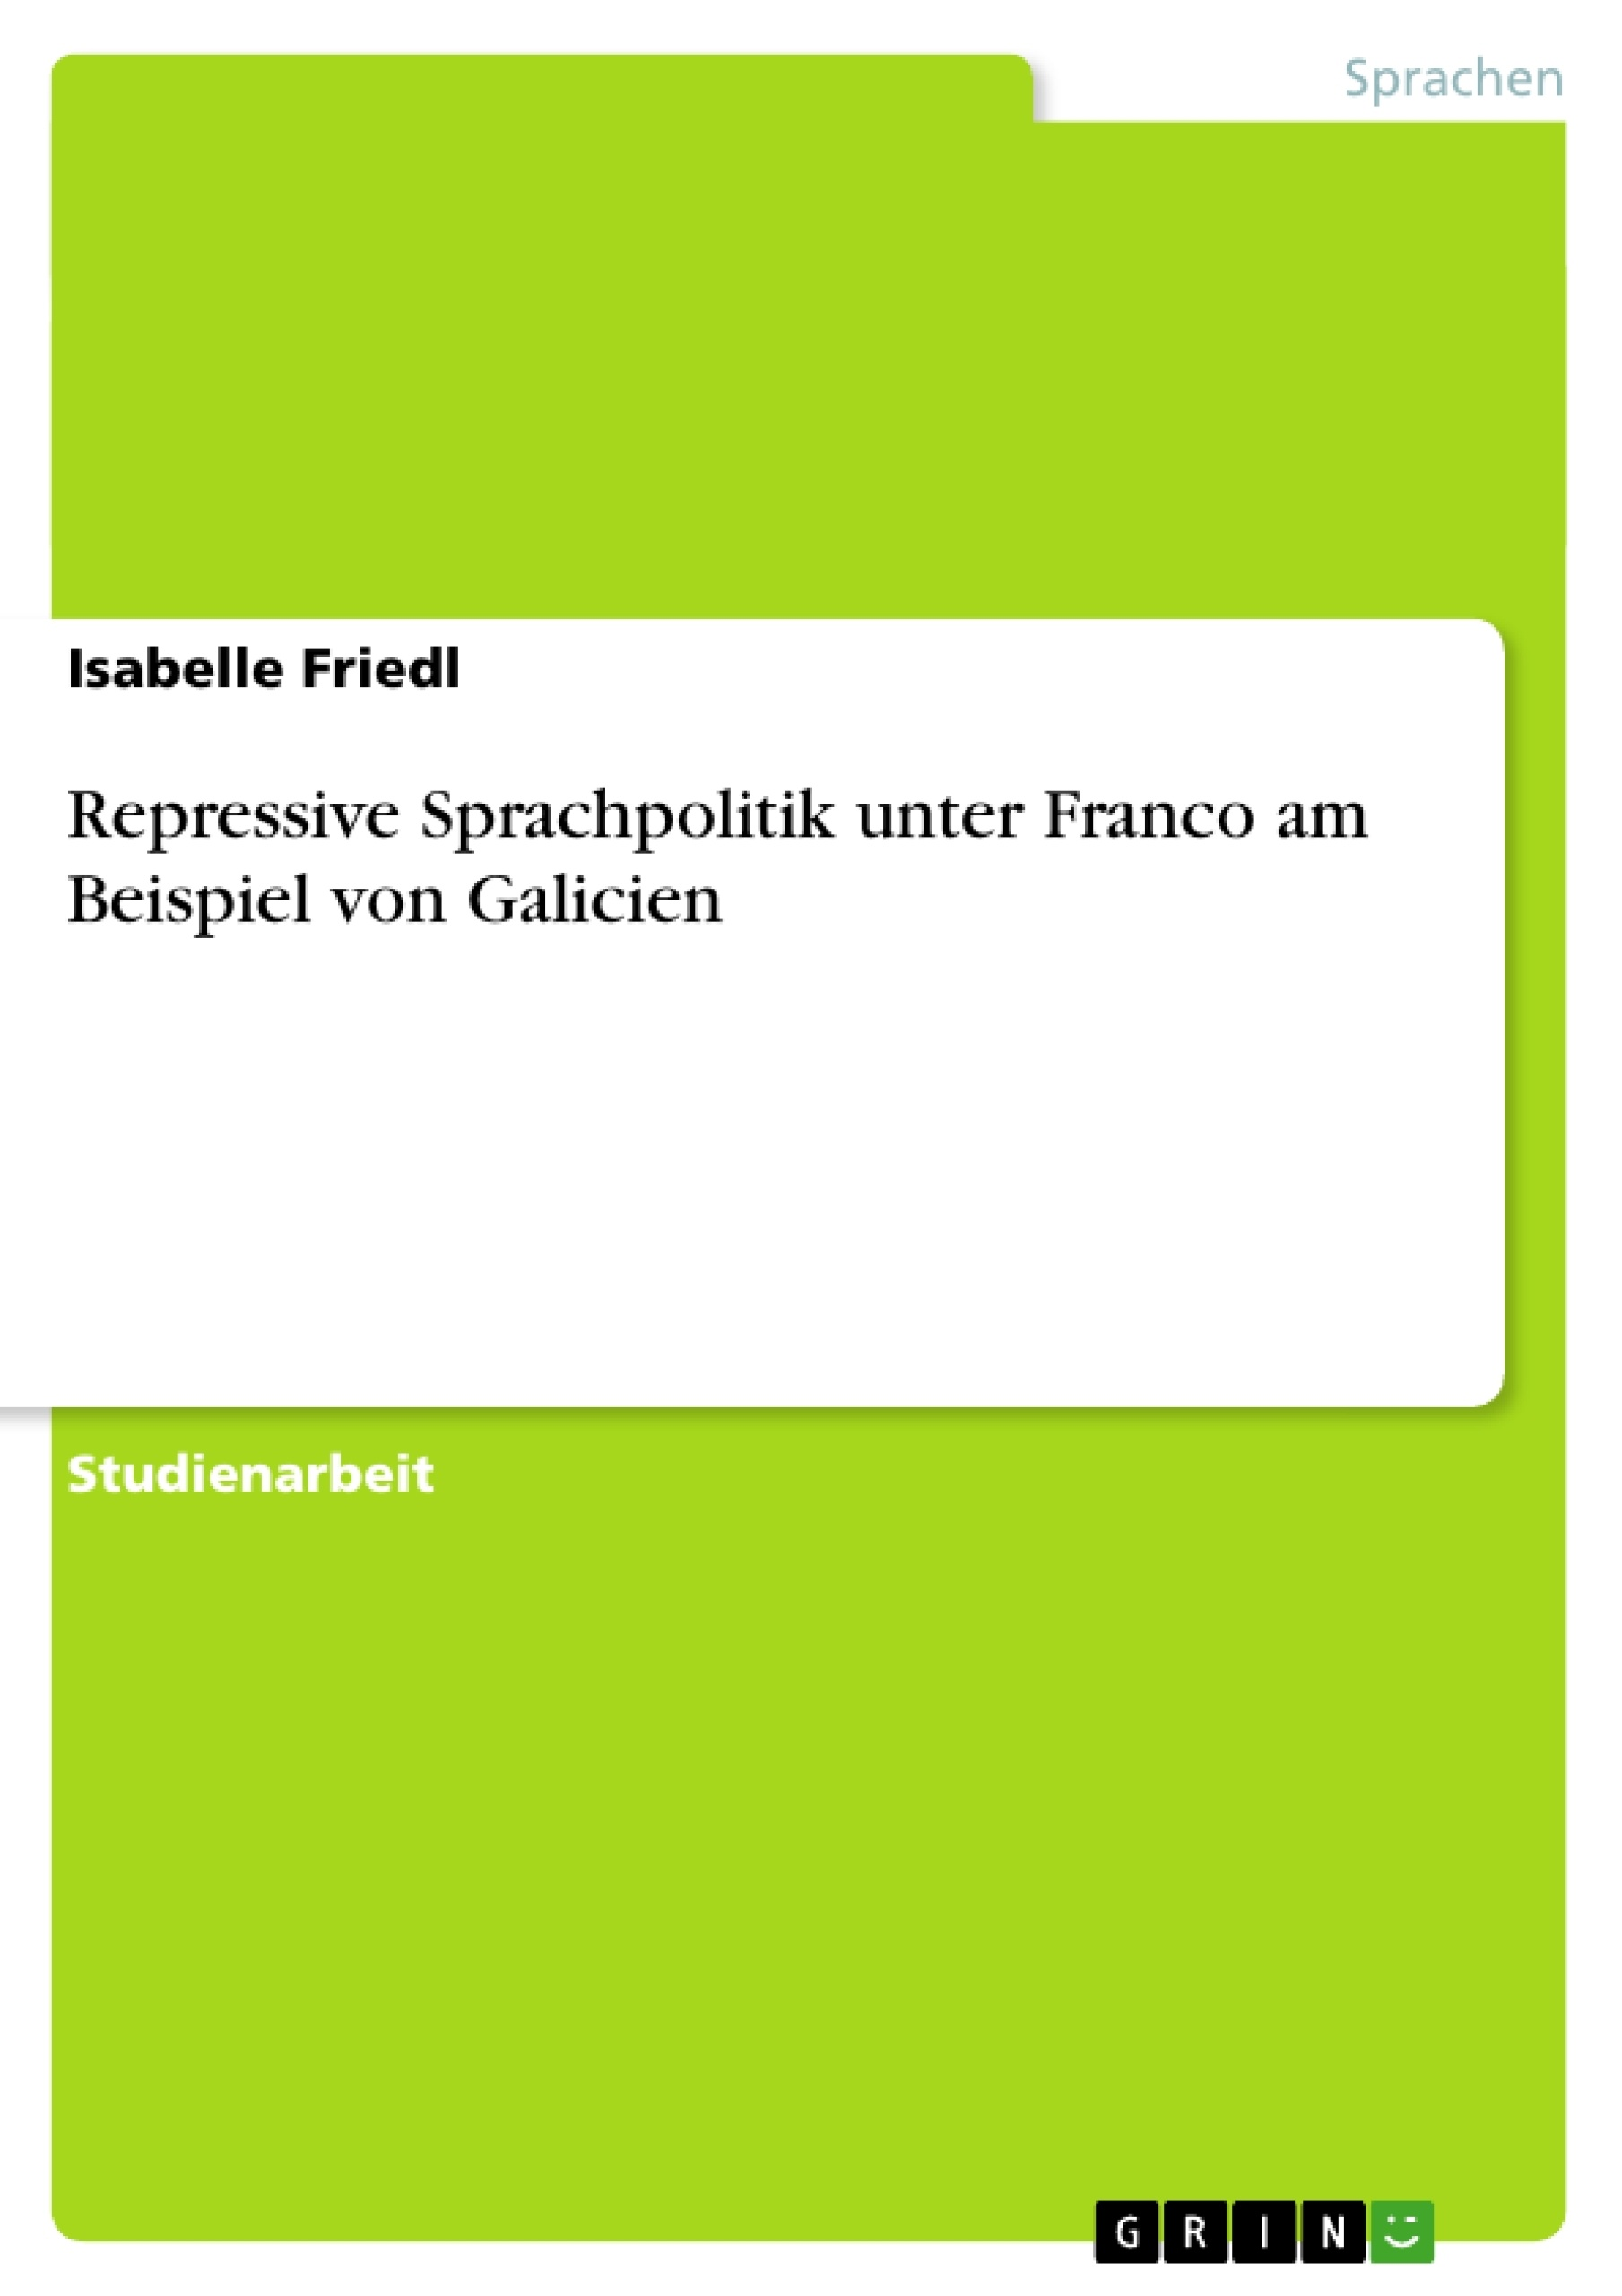 Titel: Repressive Sprachpolitik unter Franco am Beispiel von Galicien